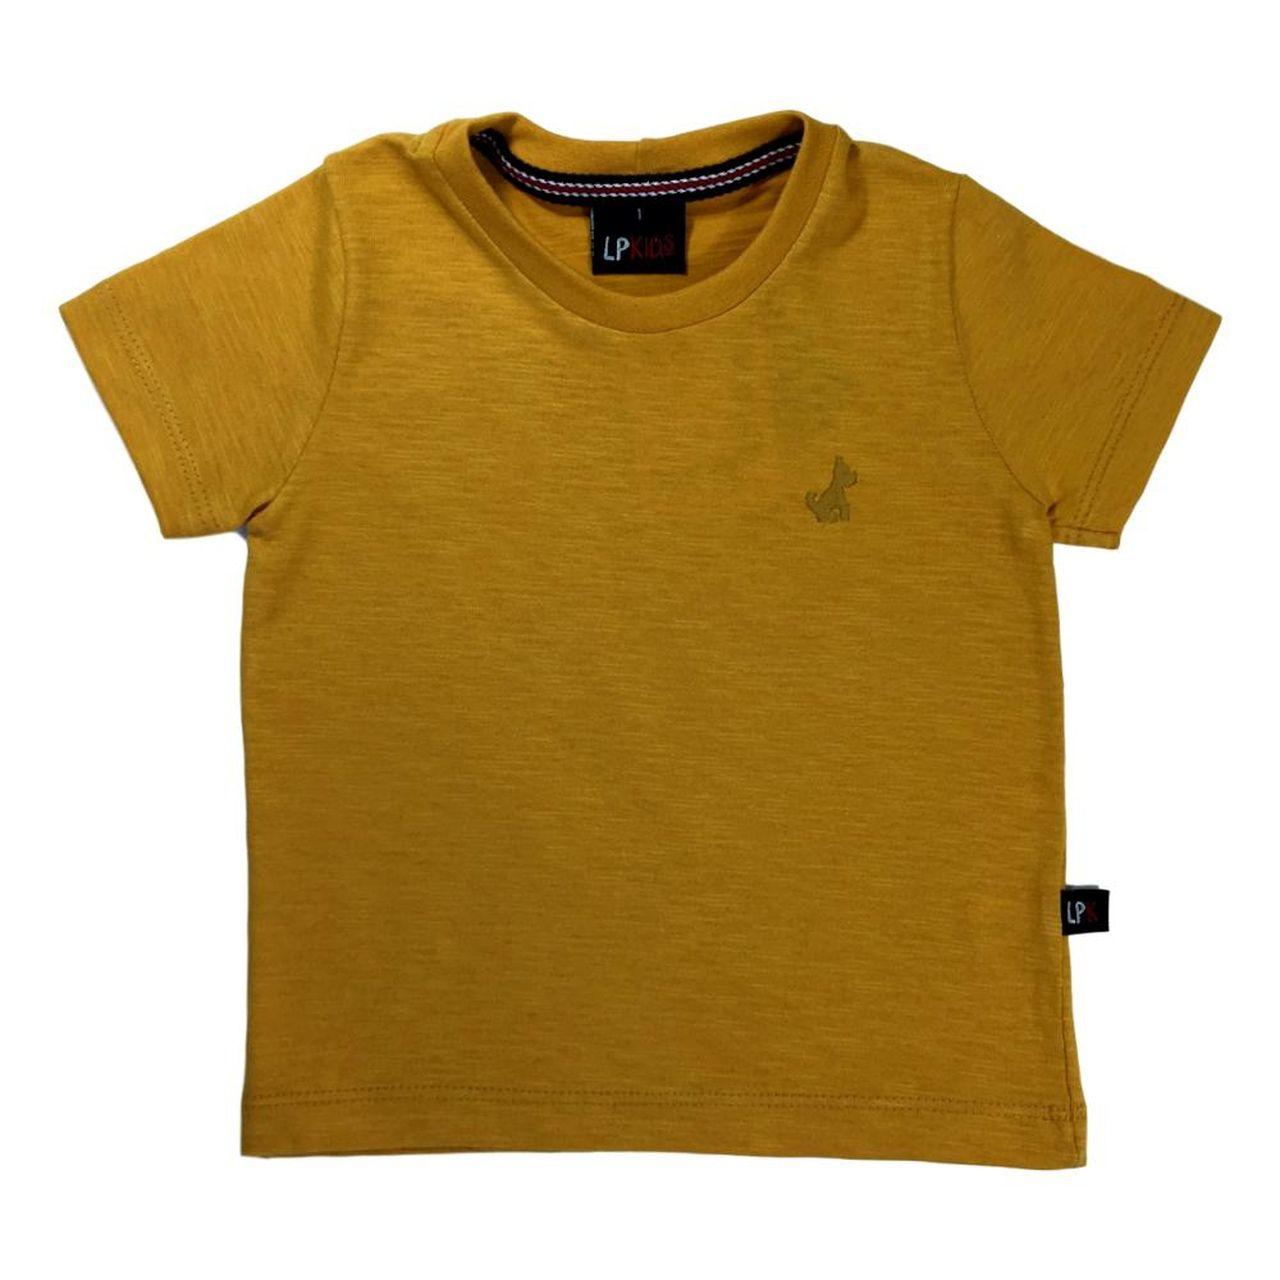 Camiseta Infantil meia malha- Mostarda LP Kids